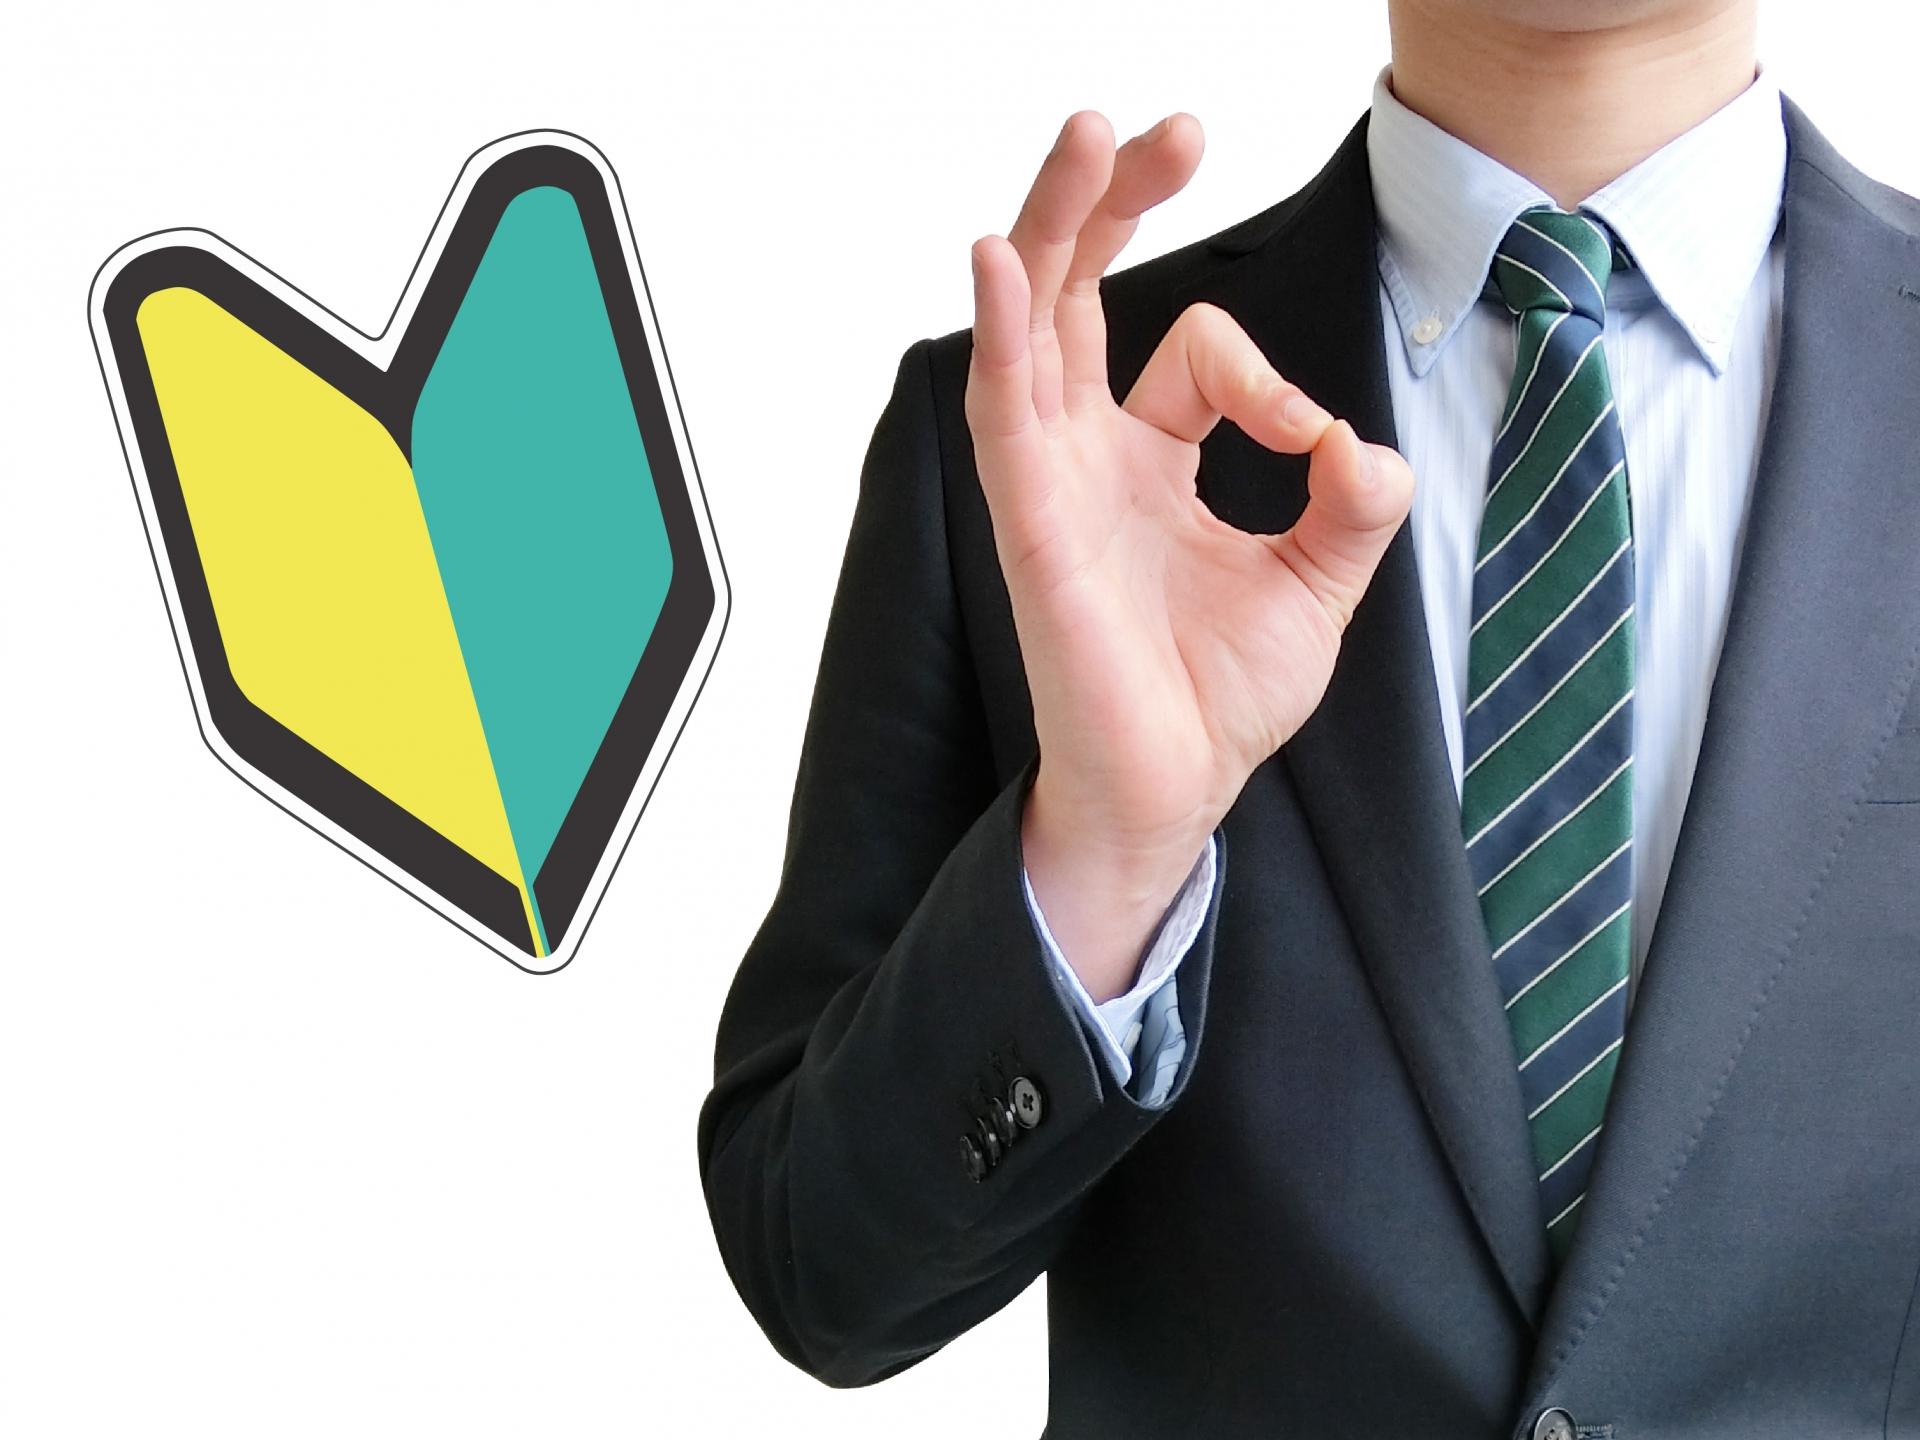 資産運用・投資の初心者は相談することで近道になる